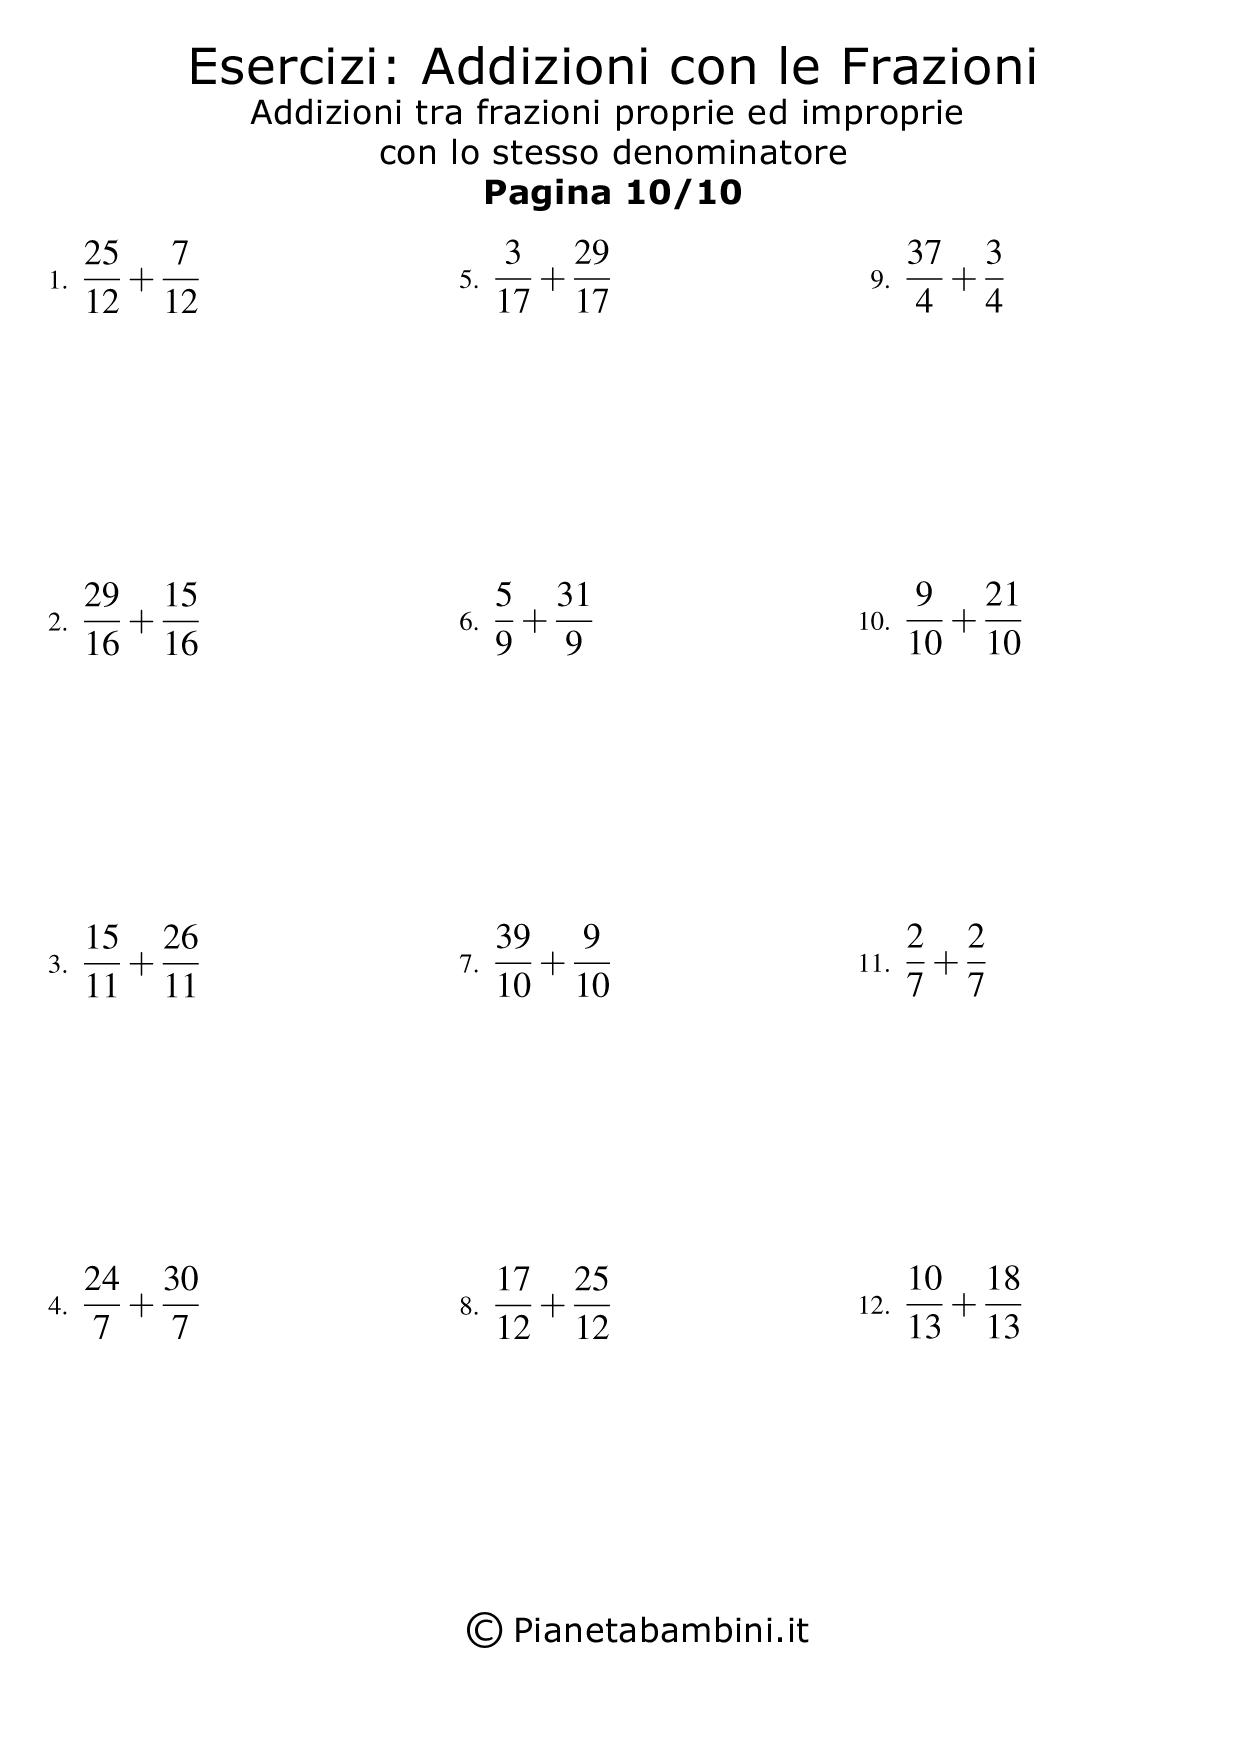 Frazioni-Proprie-Improprie_10